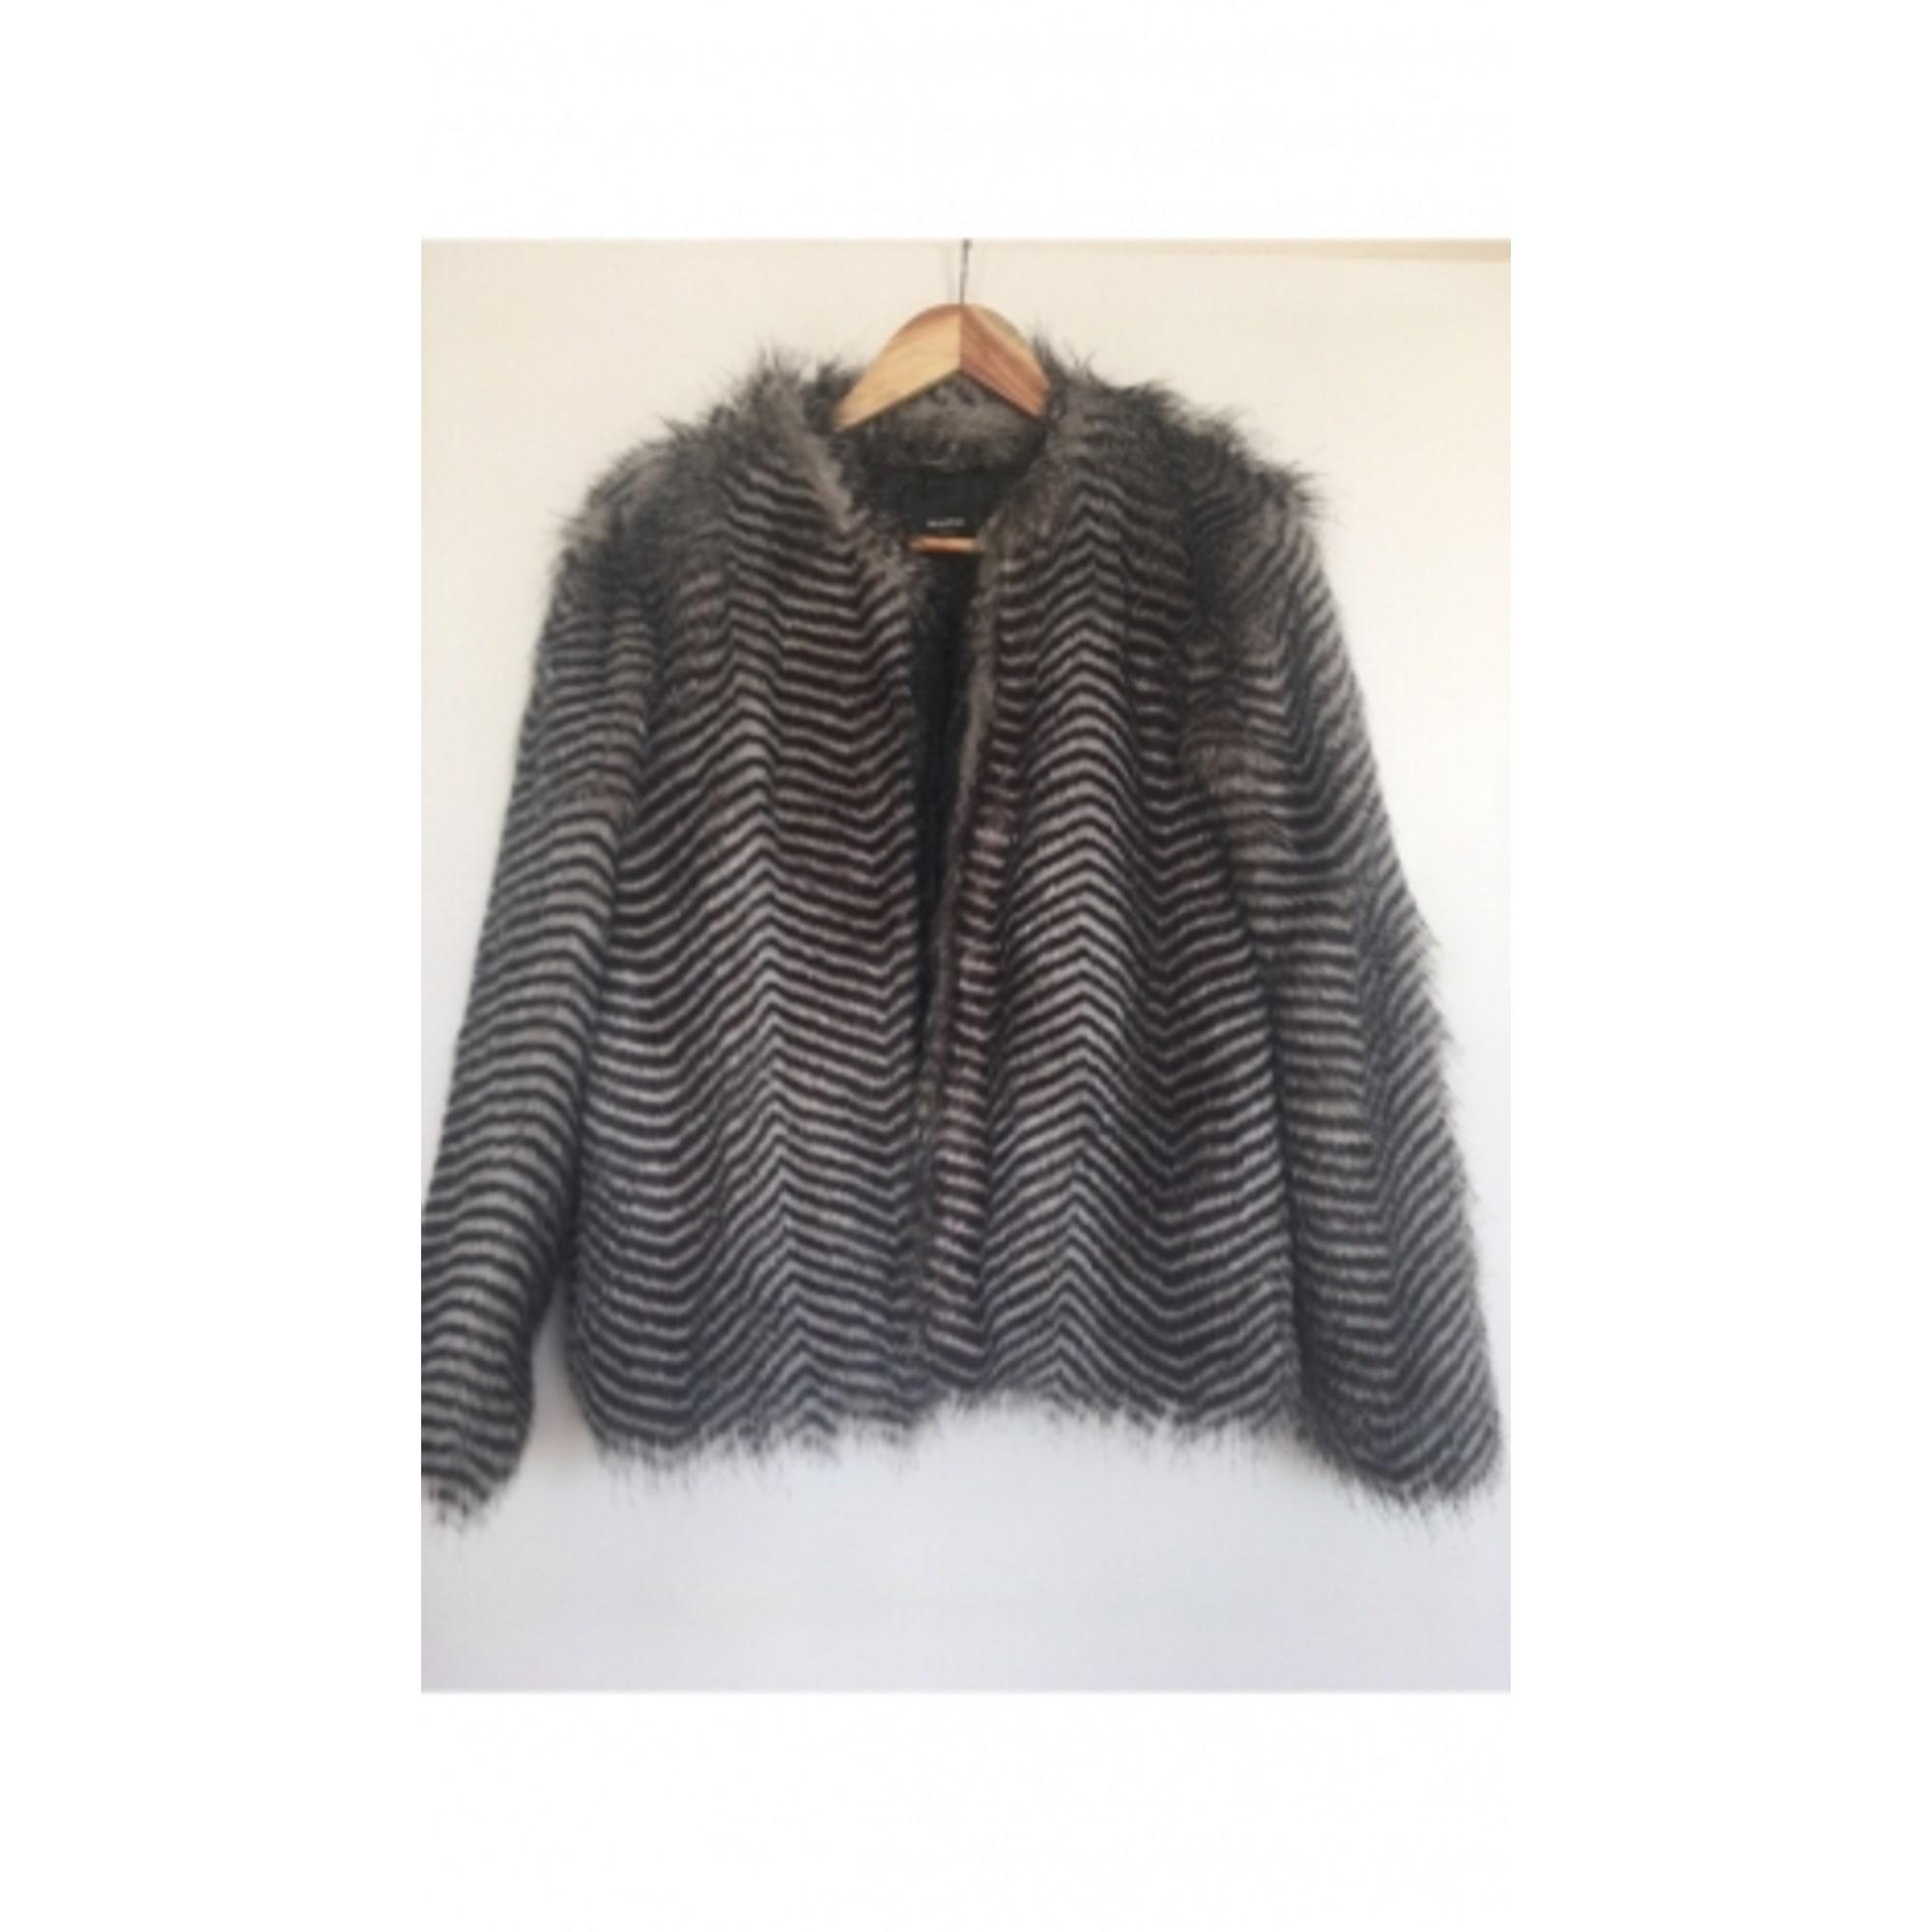 Blouson, veste en fourrure MANGO 38 (M, T2) noir - 7298430 7557db991753